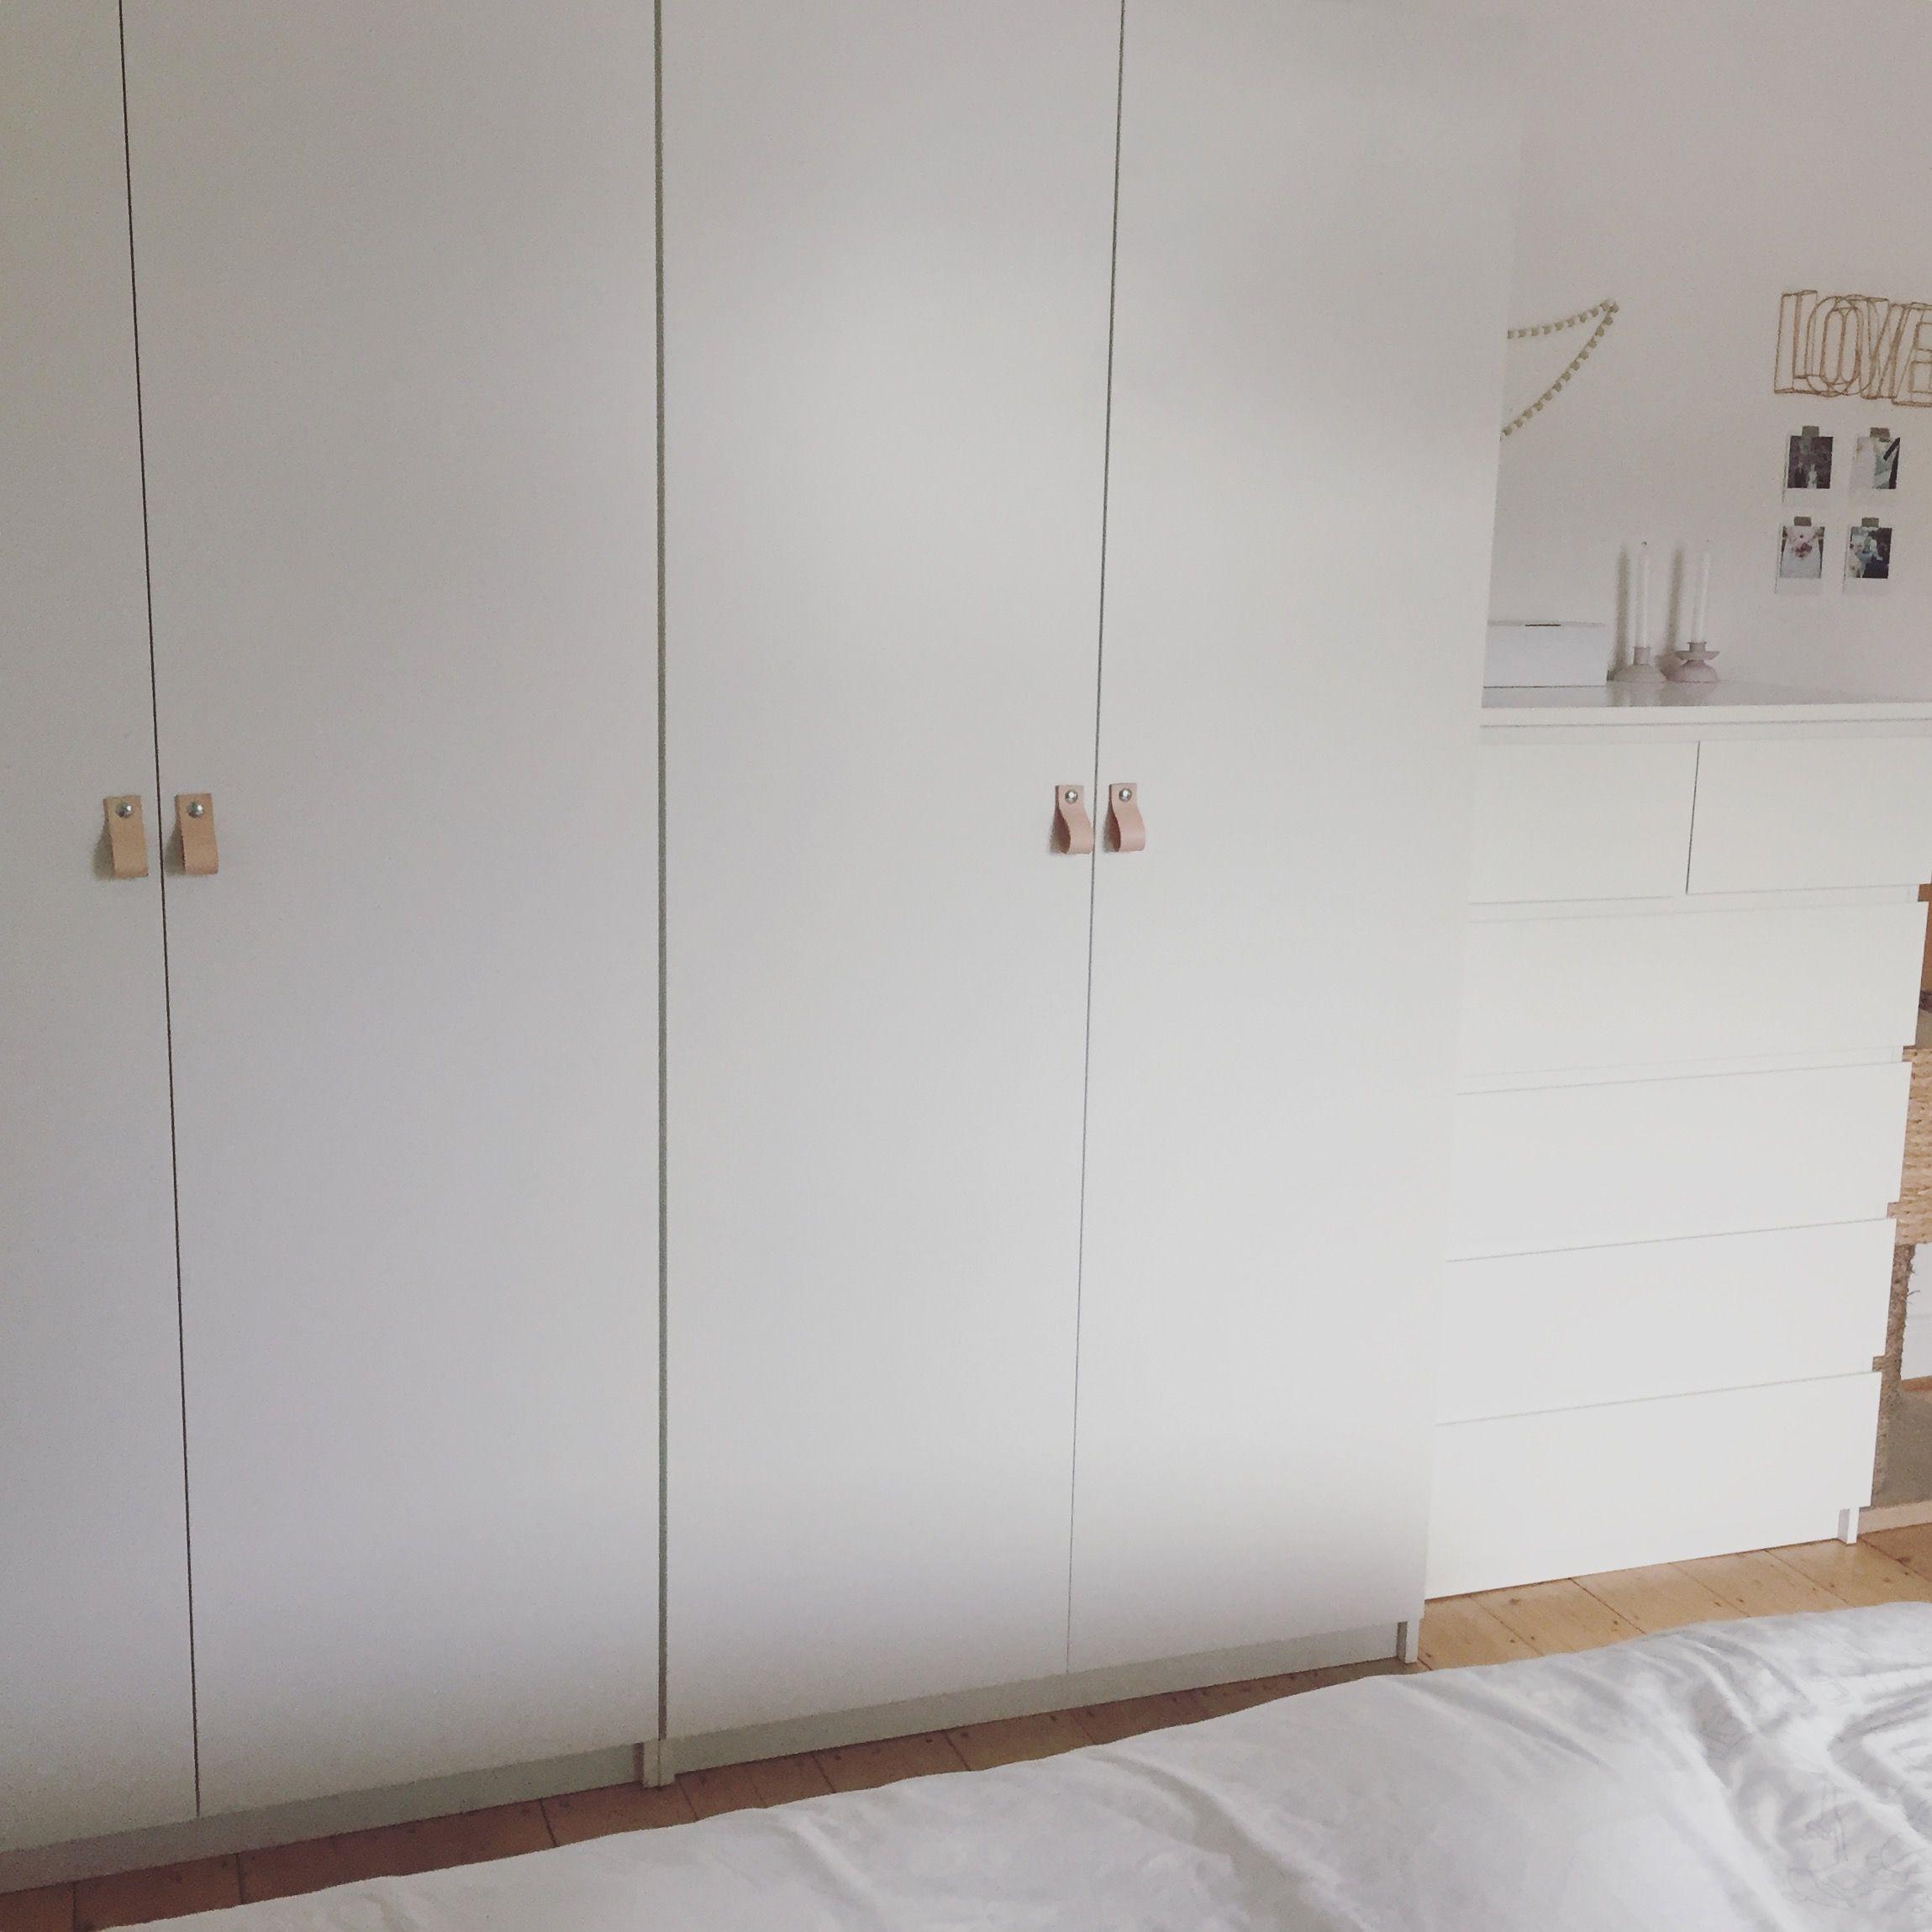 Ikea Pax Hack Ledergriffe Diy Leder Schlafzimmerrenovierung Ikea Ankleide Kleine Schlafzimmer Schranke